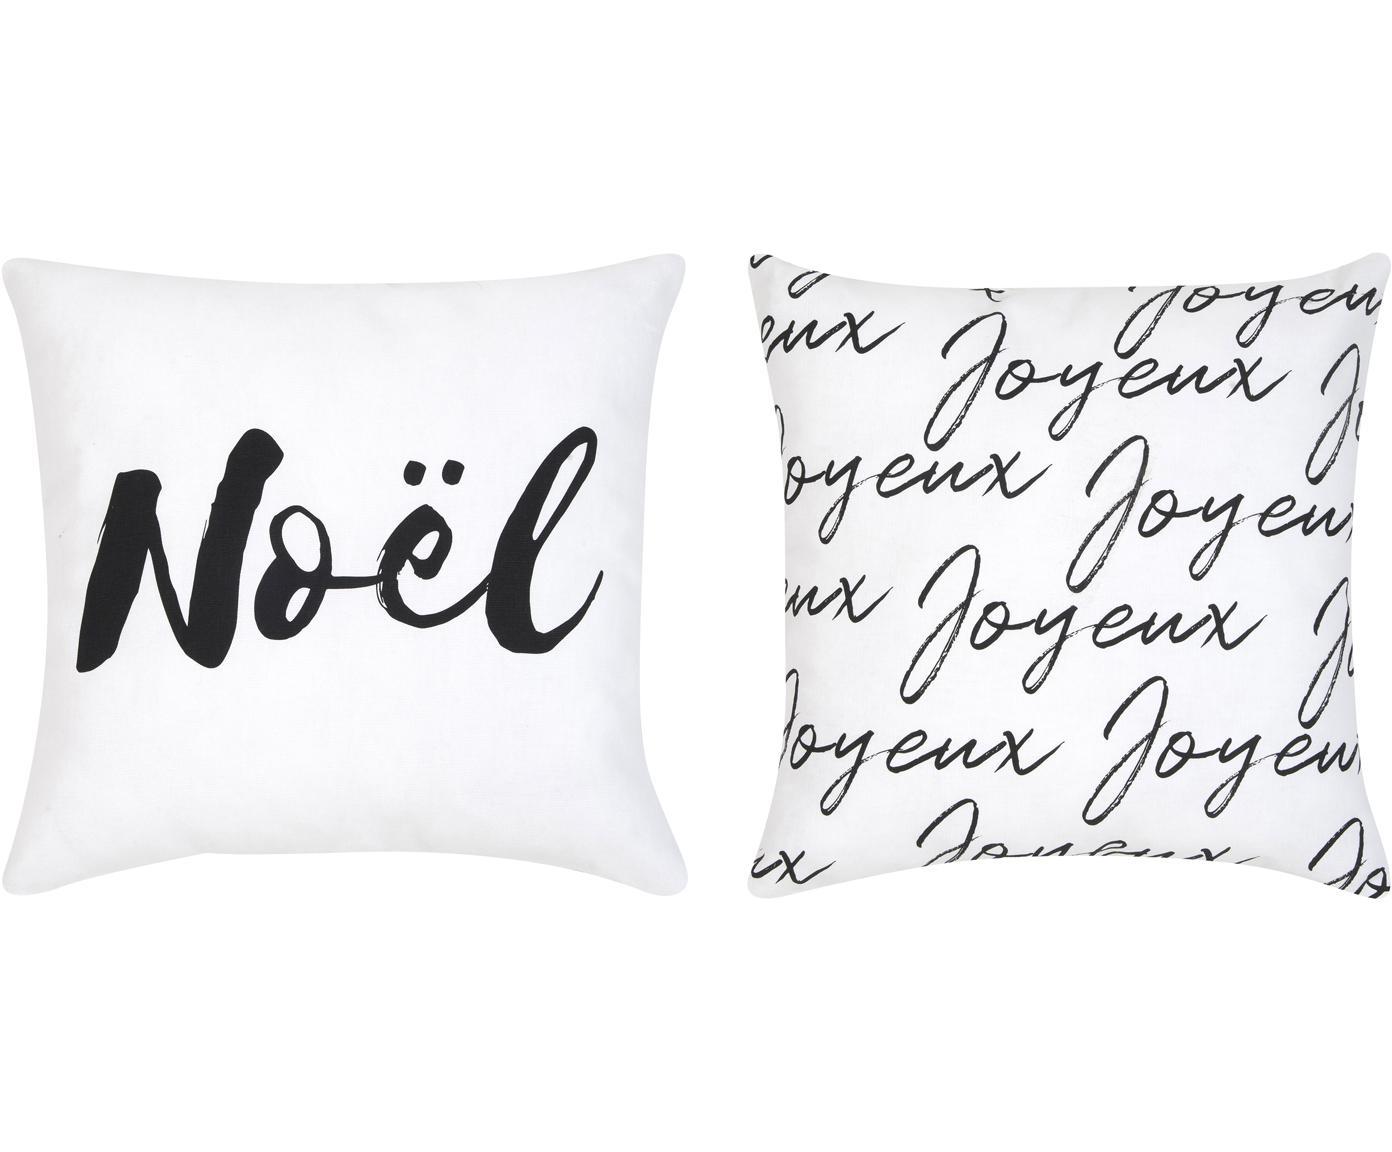 Kussenhoezen Noel, 2 stuks, Katoen, Zwart, wit, 40 x 40 cm